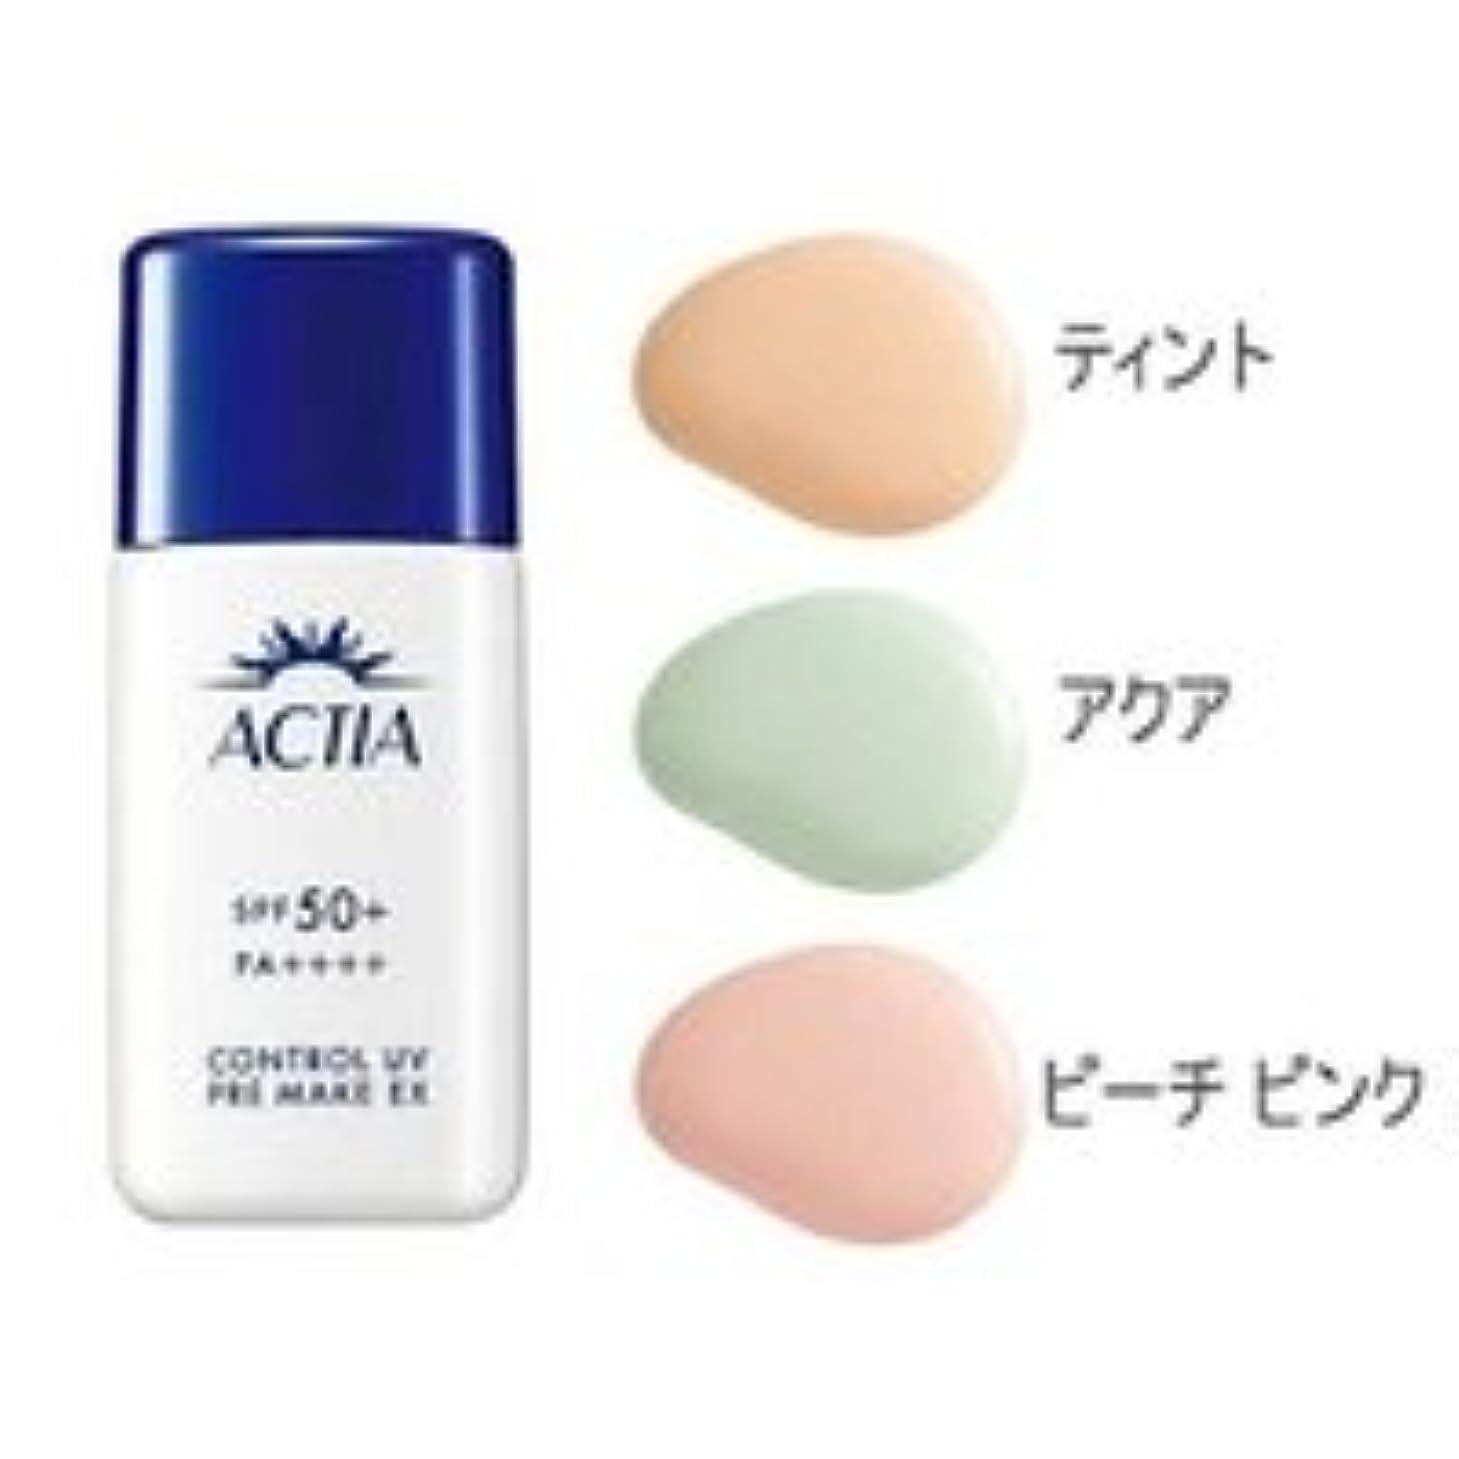 辛い医薬品消費者エイボン (AVON) アクティア コントロール UV プレメイク EX 30ml (アクア)